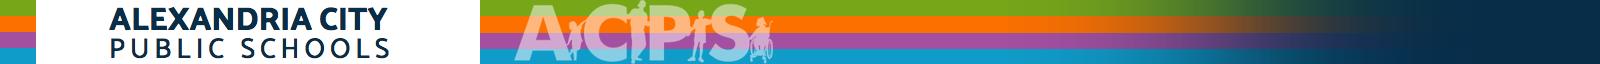 Alexandria City Public Schools, VA logo